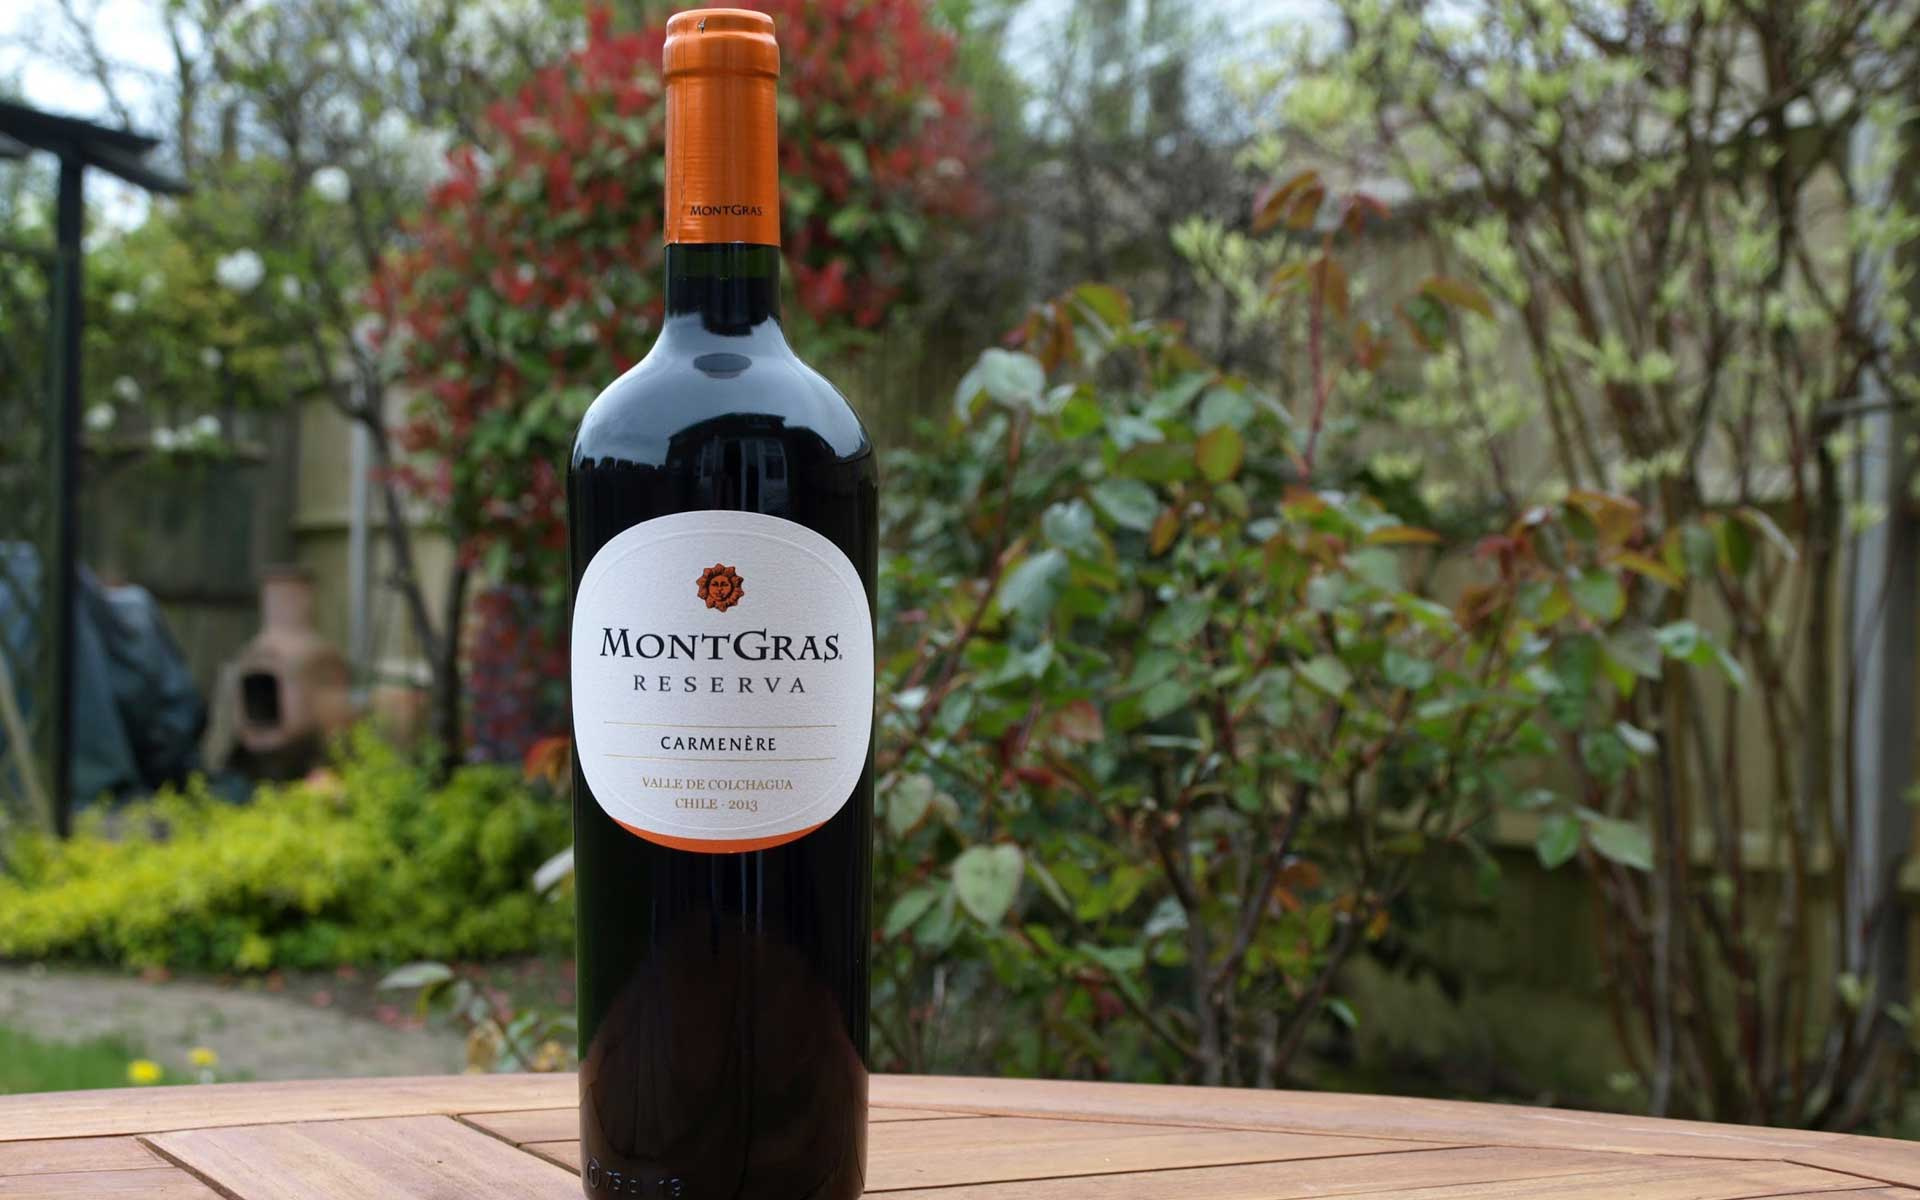 Kết quả hình ảnh cho montgras reserva carmenere